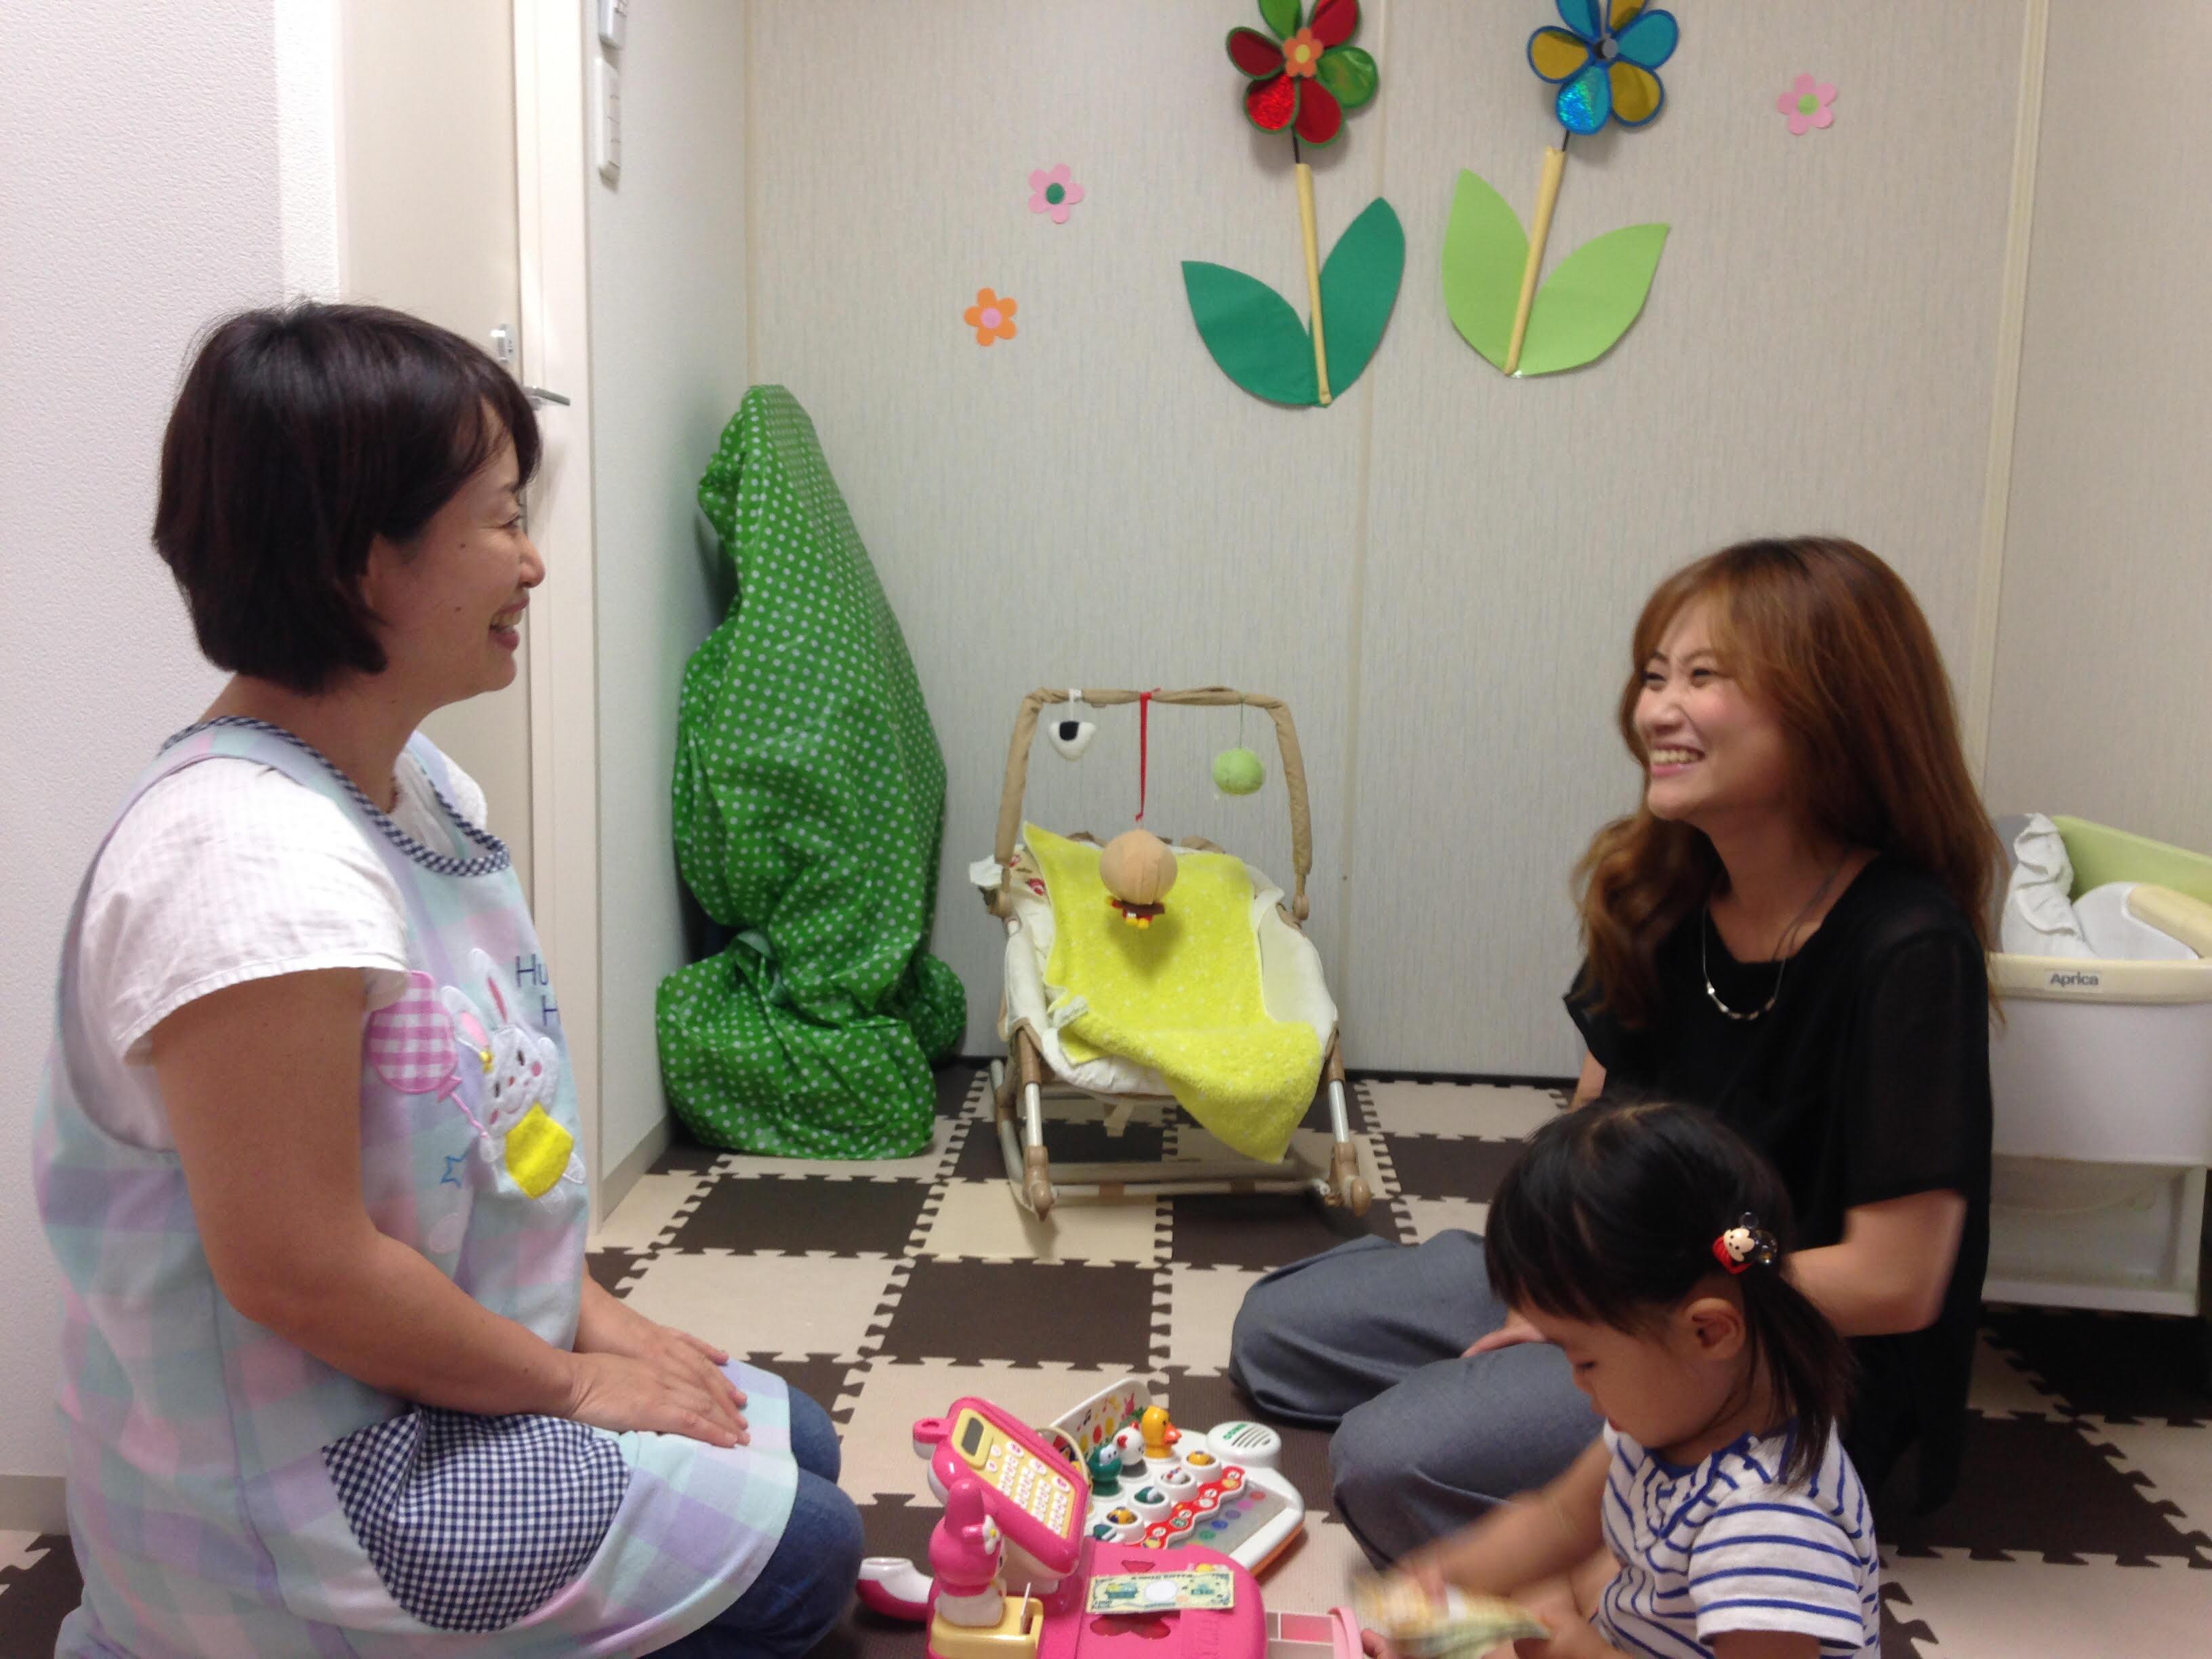 託児ルームを利用している、スタイリストの佐野さん。「長女は幼稚園に通っているので、次女をここに預けられるのは本当に助かります」と話す